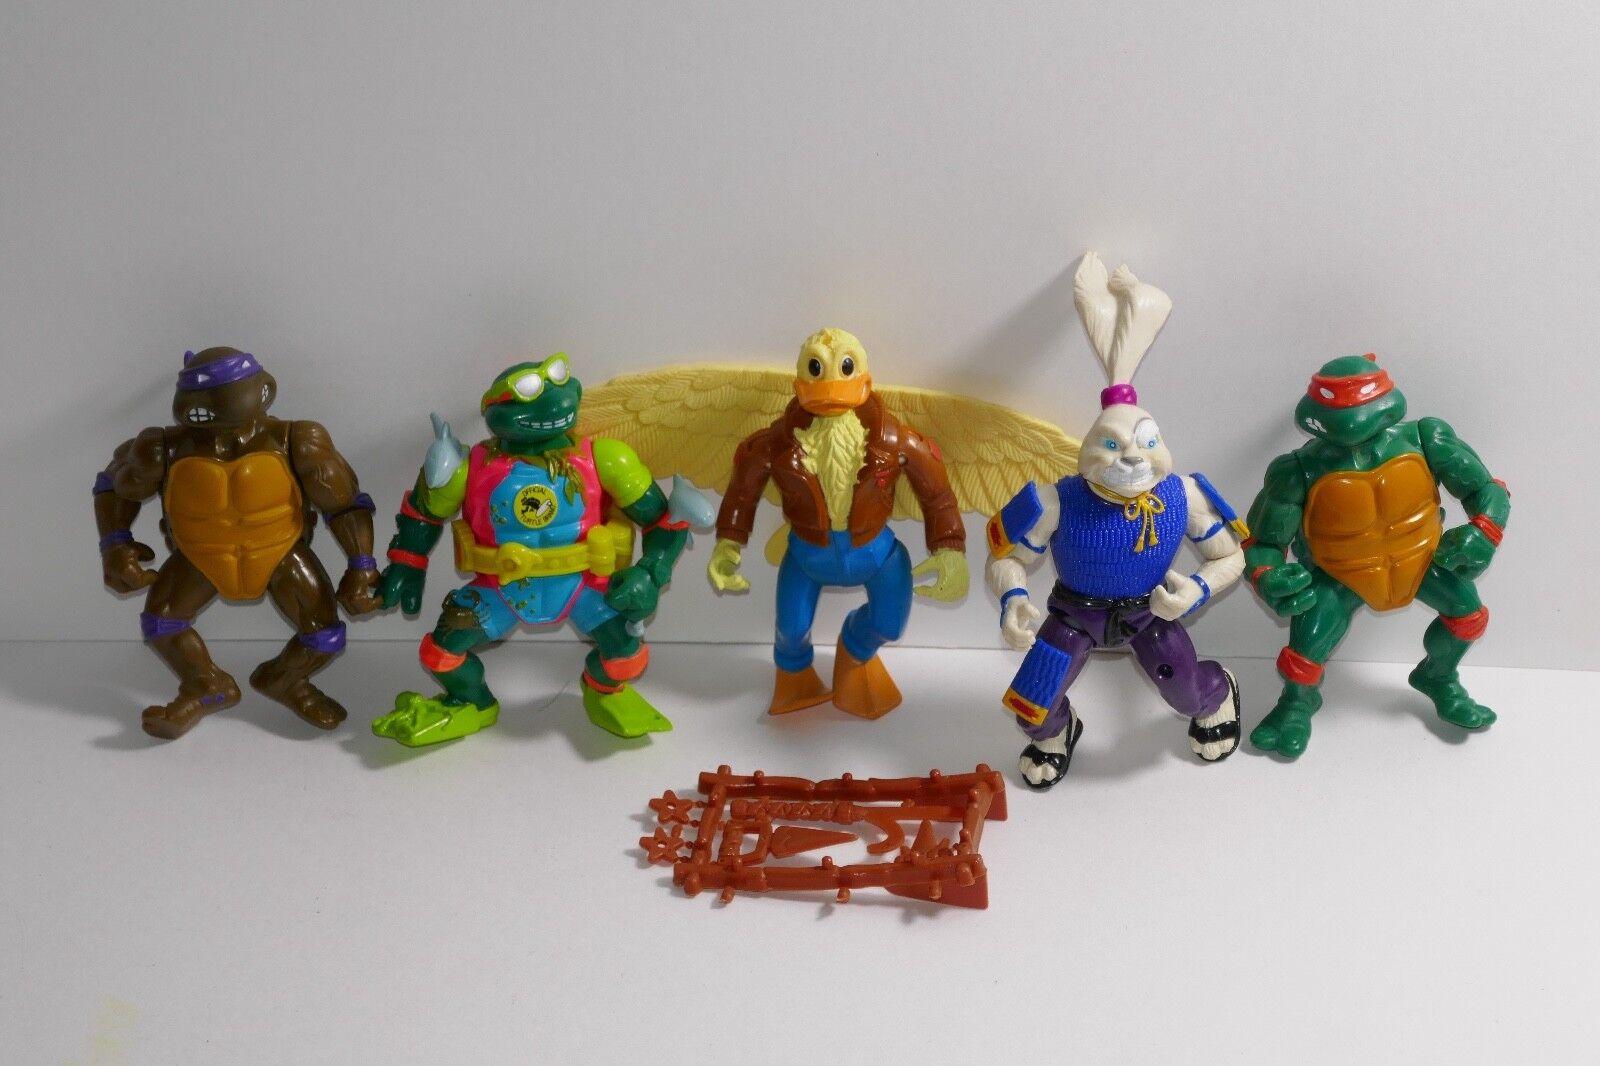 Playmates 1989 1990 TMNT Teenage Mutant Ninja Turtles Loose Action Figures Lot A